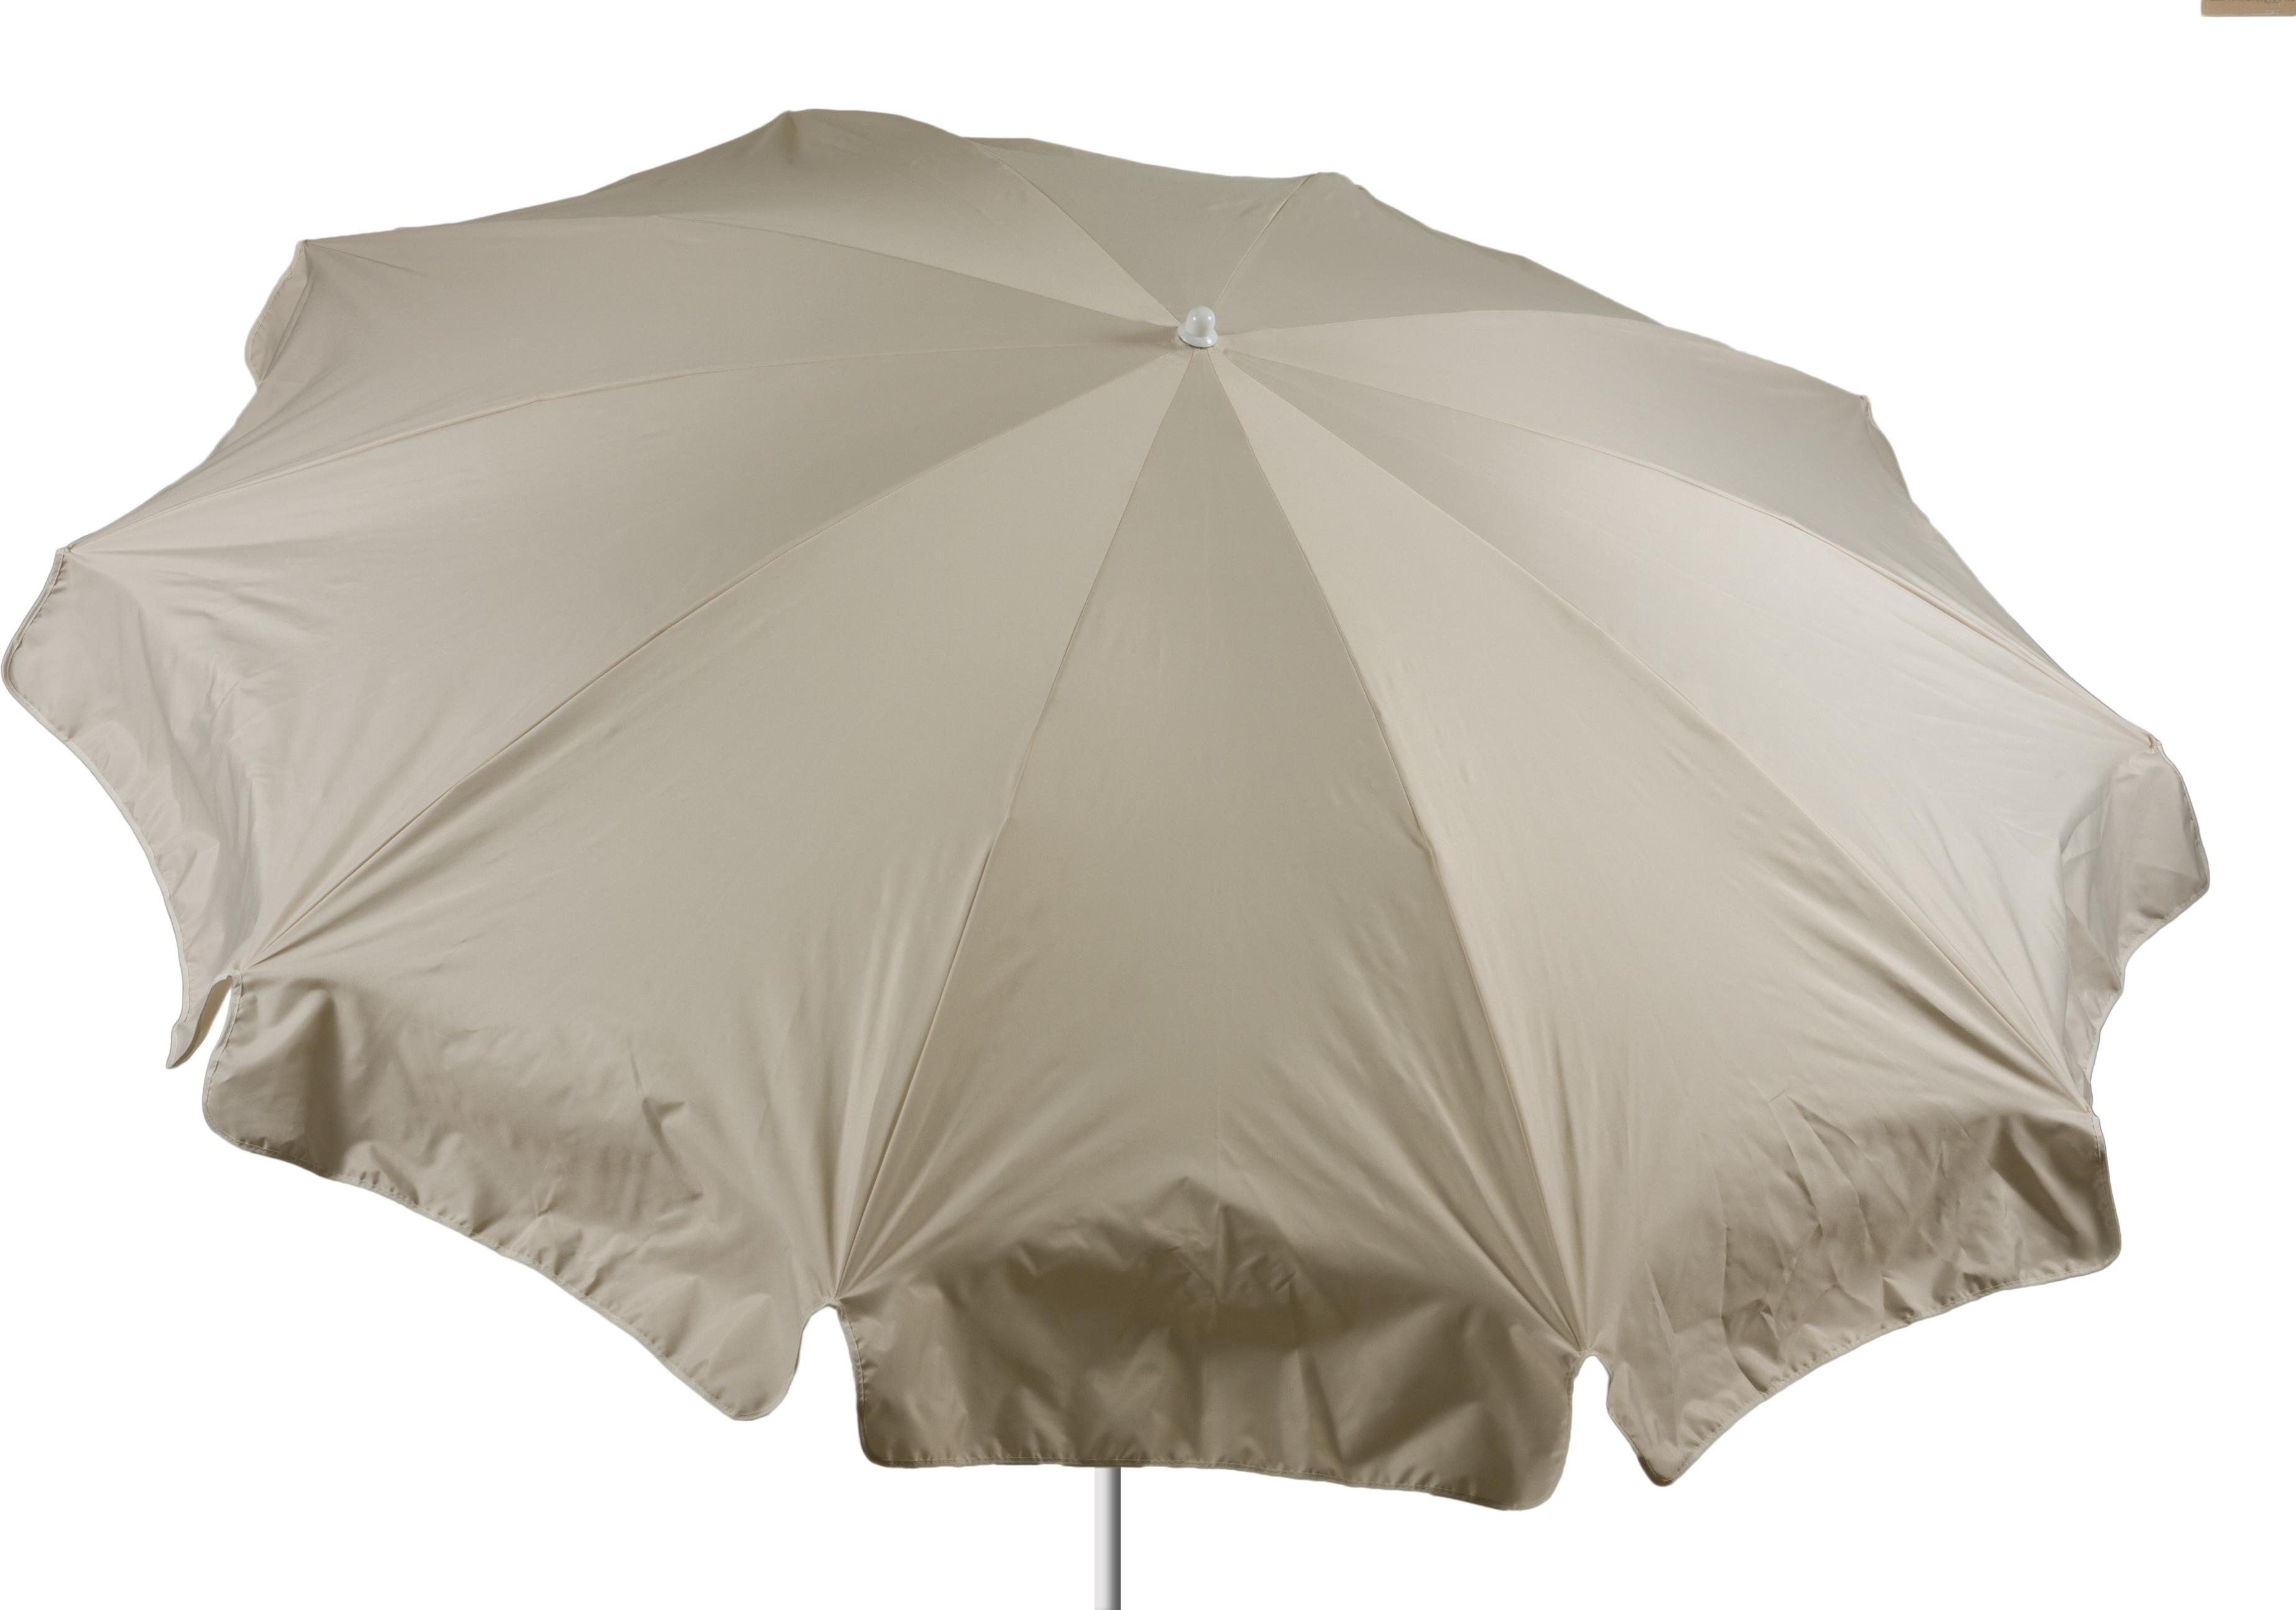 PY302 Sonnenschirm 240 cm rund beige